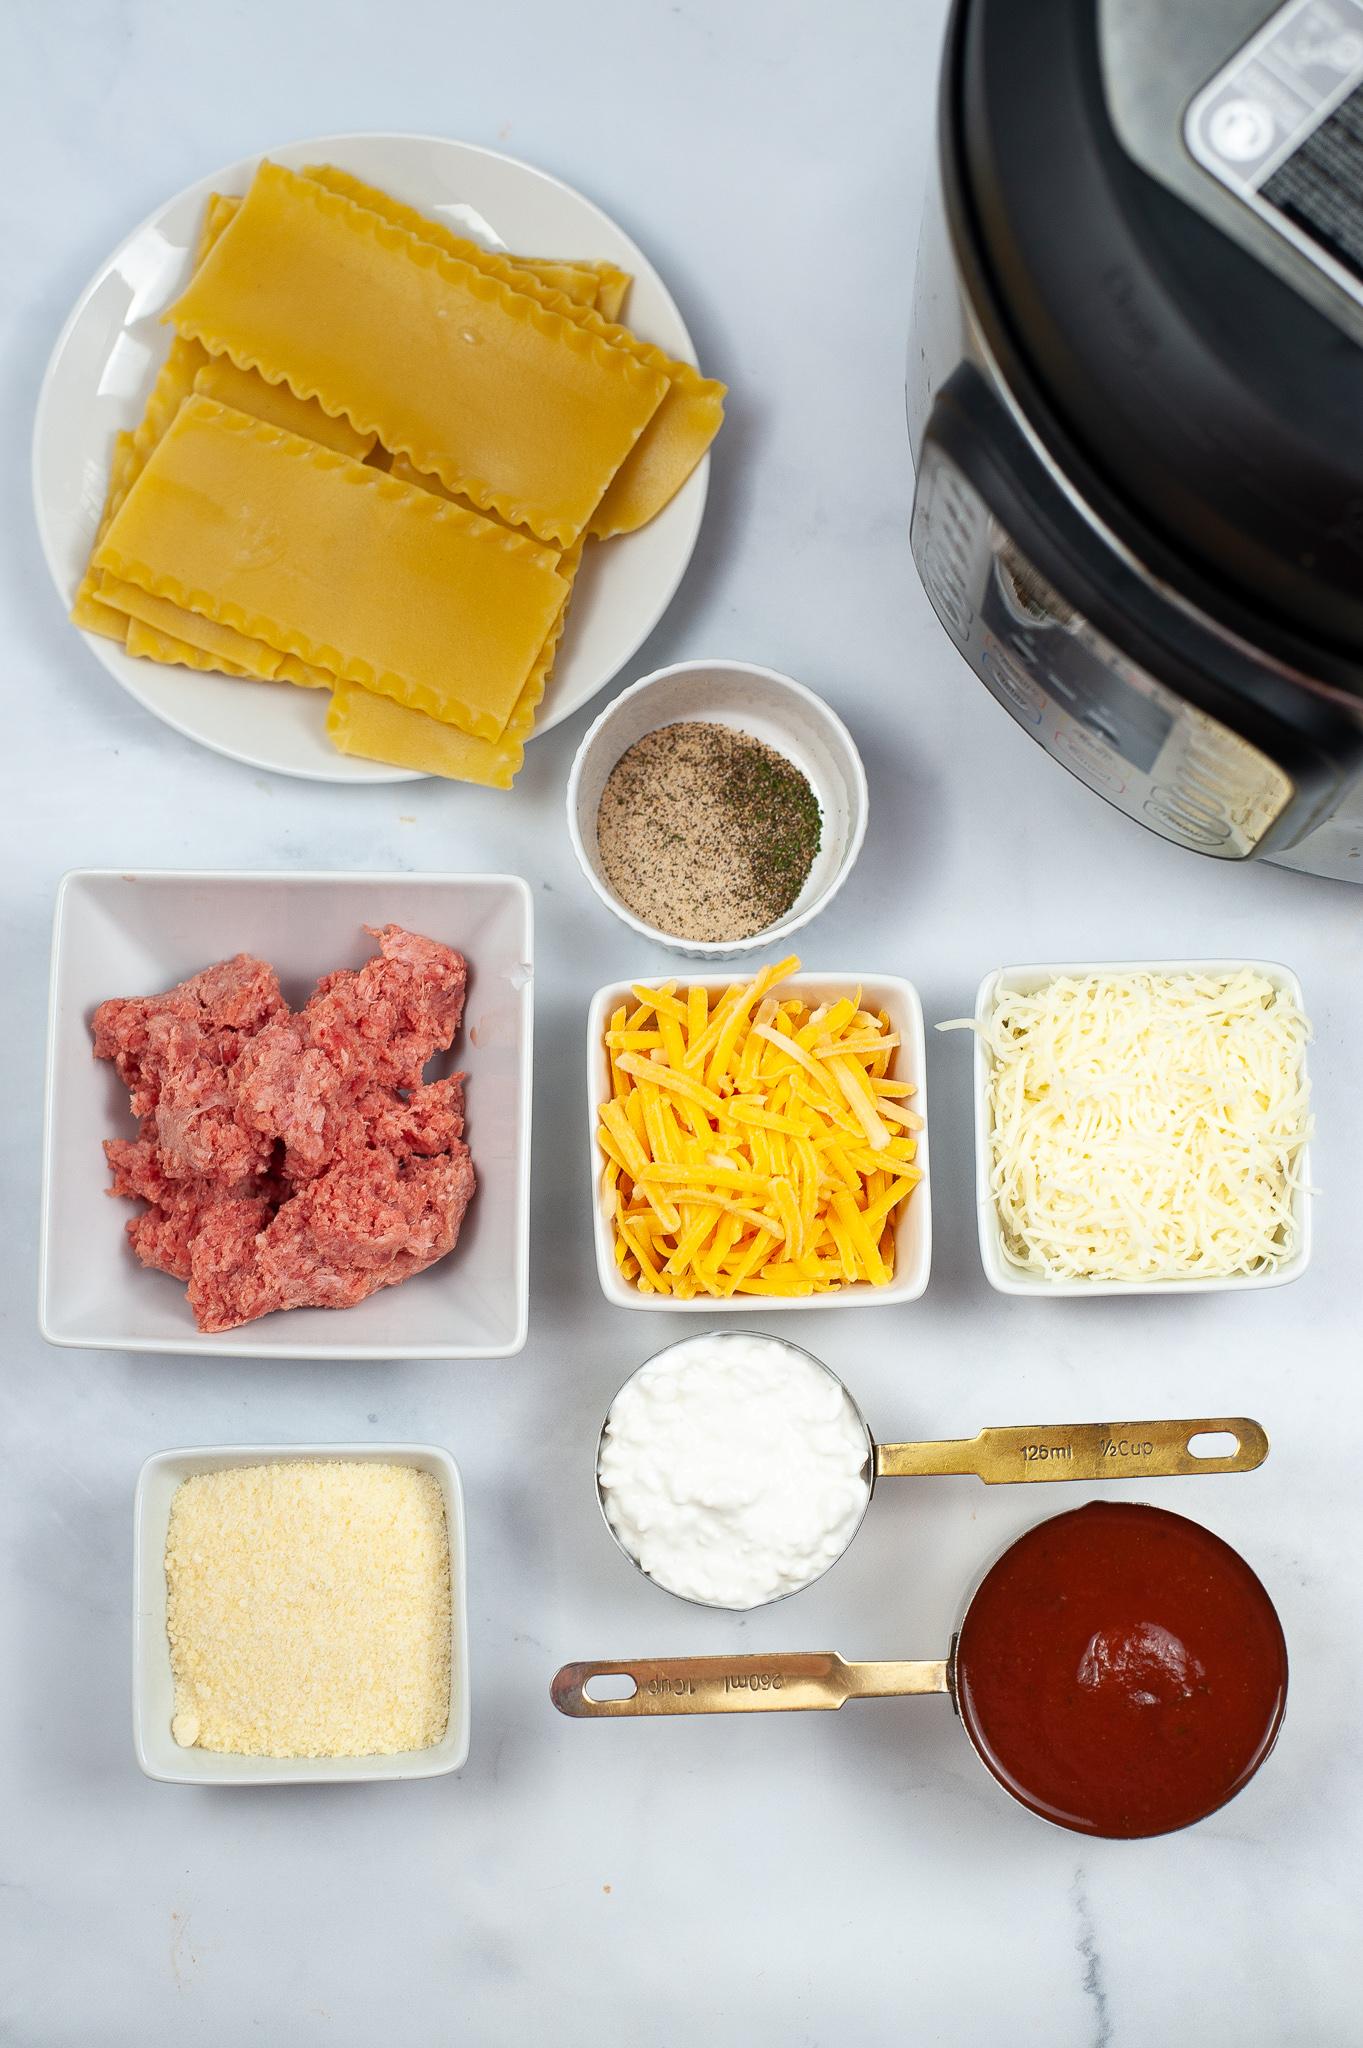 Pasta sauce and ingredients to make lasagna.